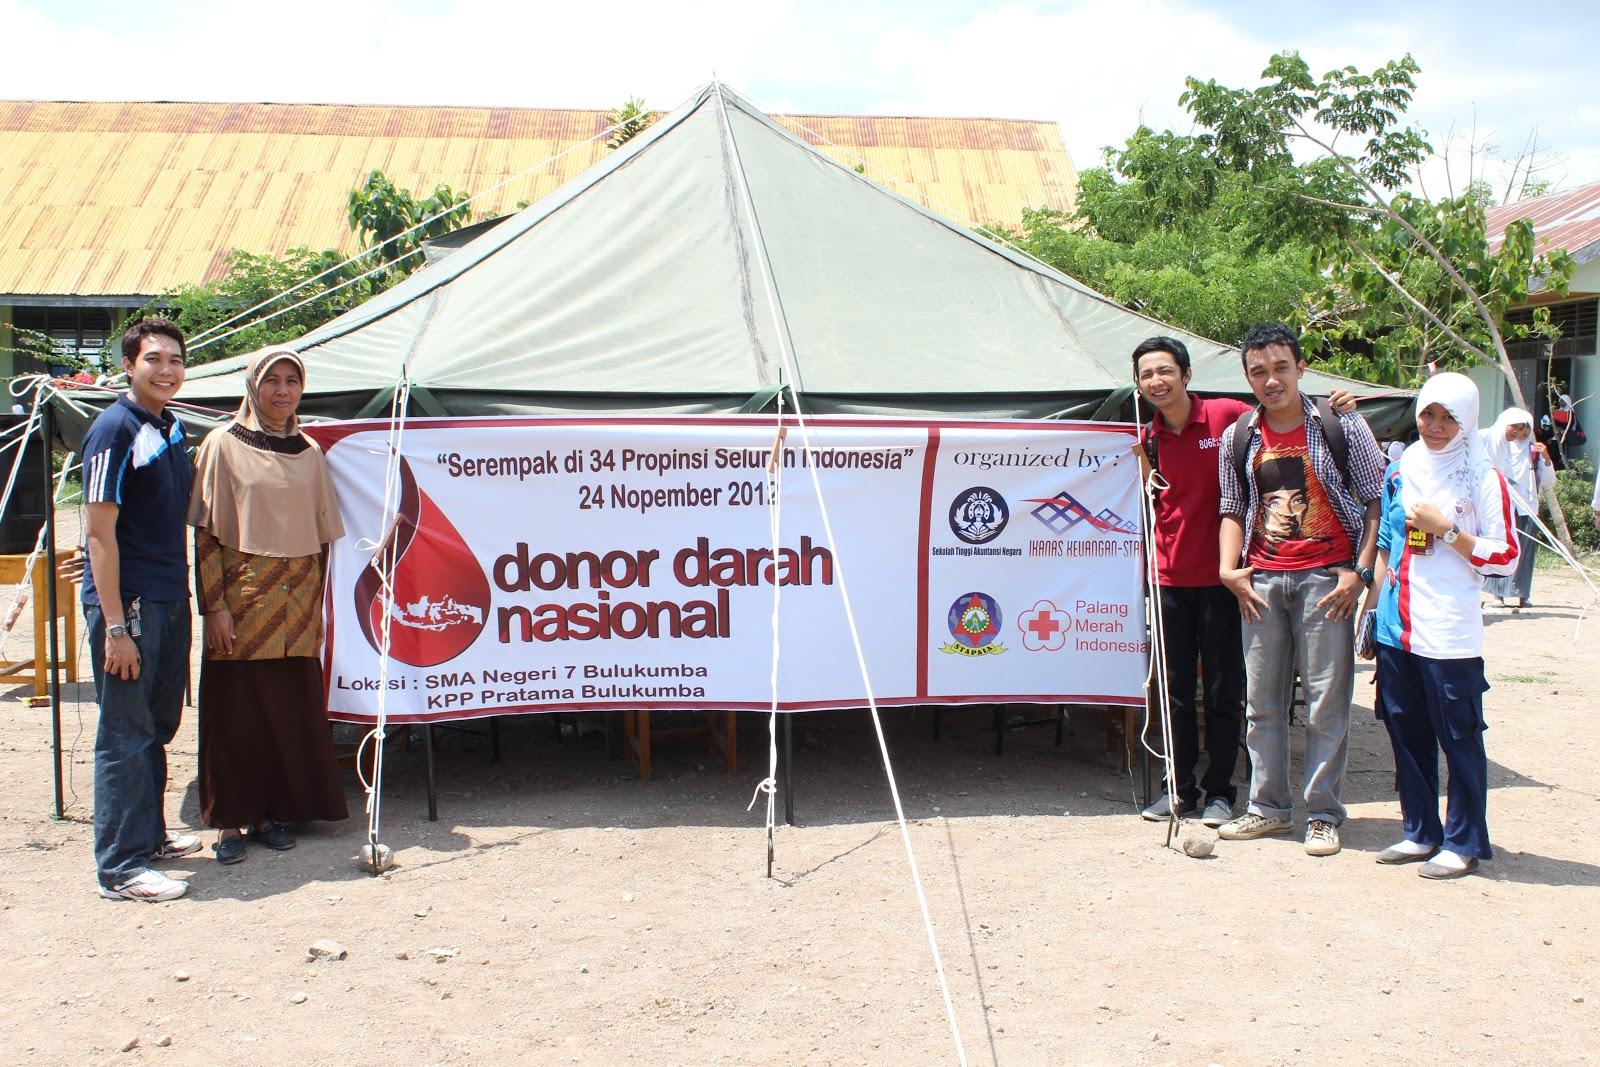 donor darah11